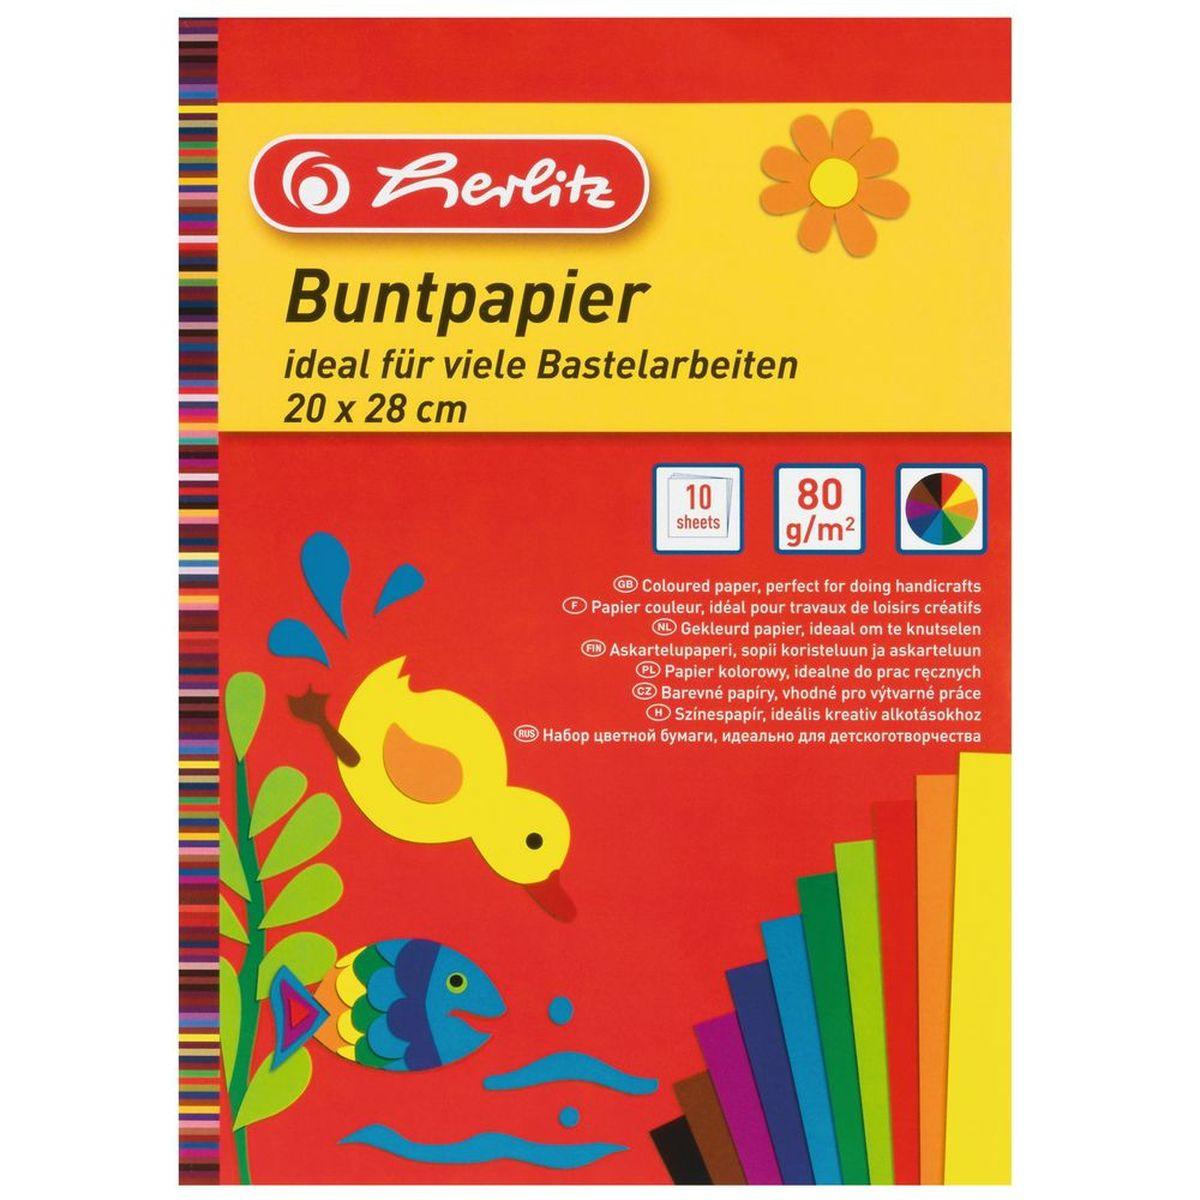 Herlitz Набор цветной бумаги Buntpapier10668085Цветная бумага от Herlitz - это прочная, плотная и гладкая бумага для детского творчества. Бумага сформирована в виде блокнота и насыщена яркими цветами. Работа с цветной бумагой от Herlitz благотворно влияет на развитие мышления, воображения и мелкой моторики рук.